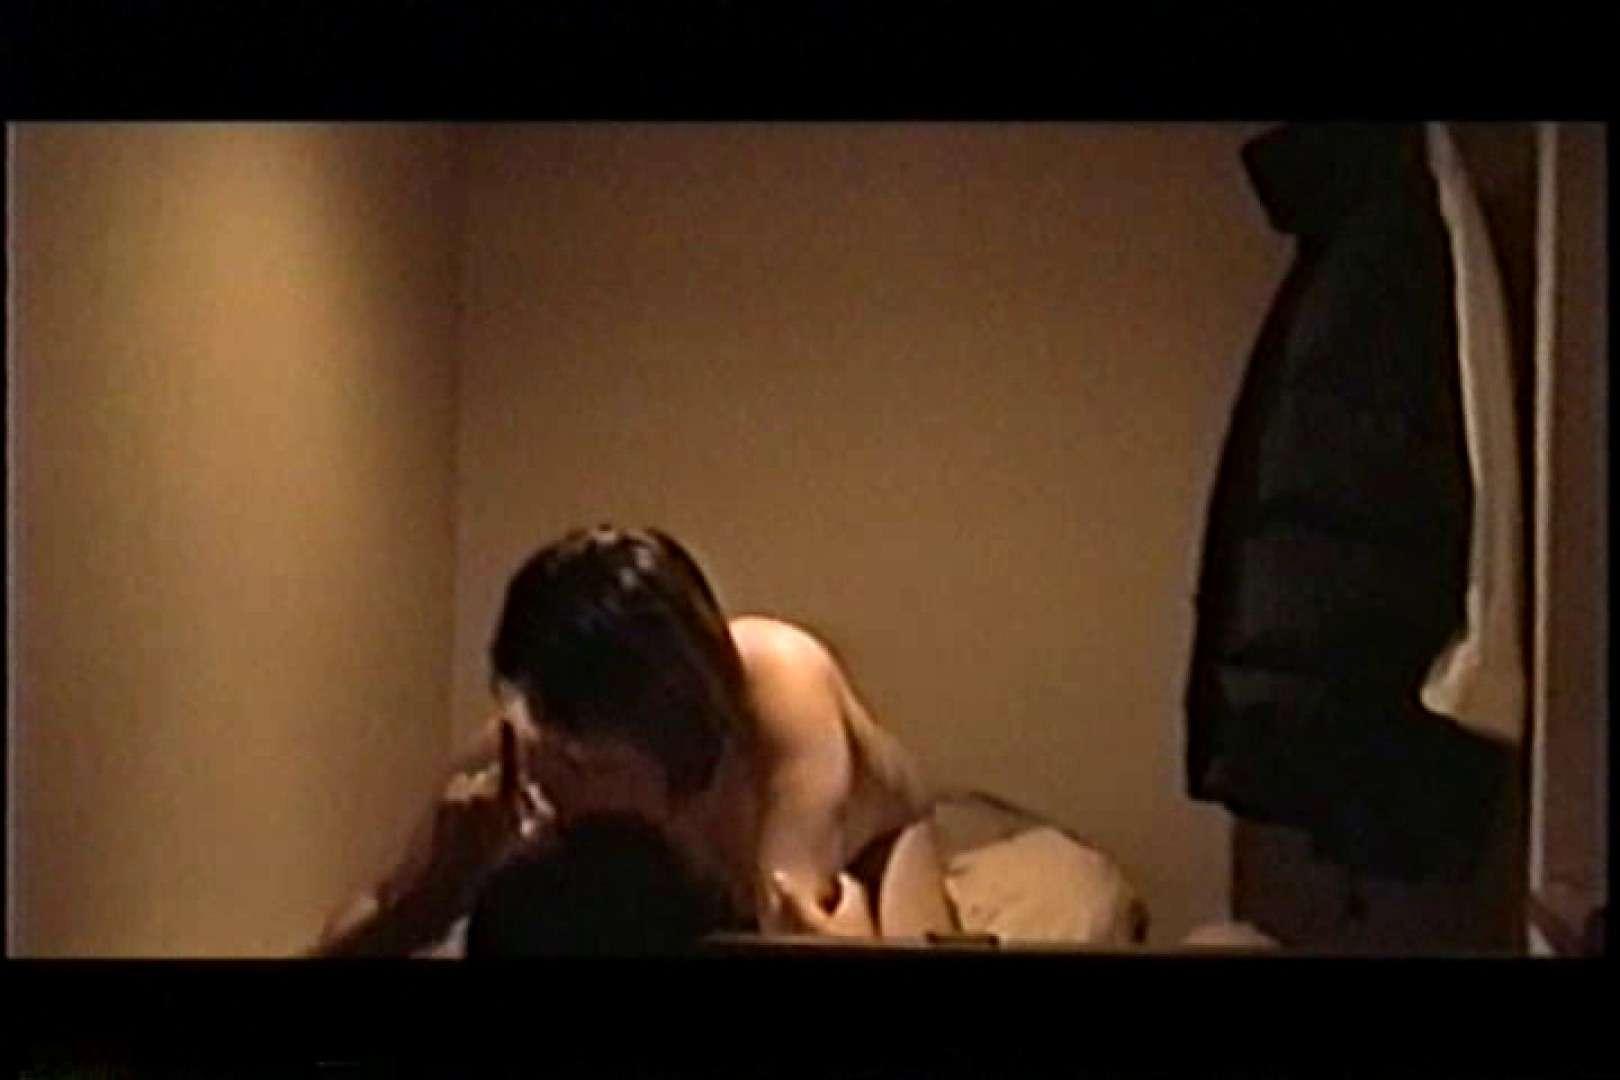 デリ嬢マル秘撮り本物投稿版② マンコ | 隠撮  95pic 13